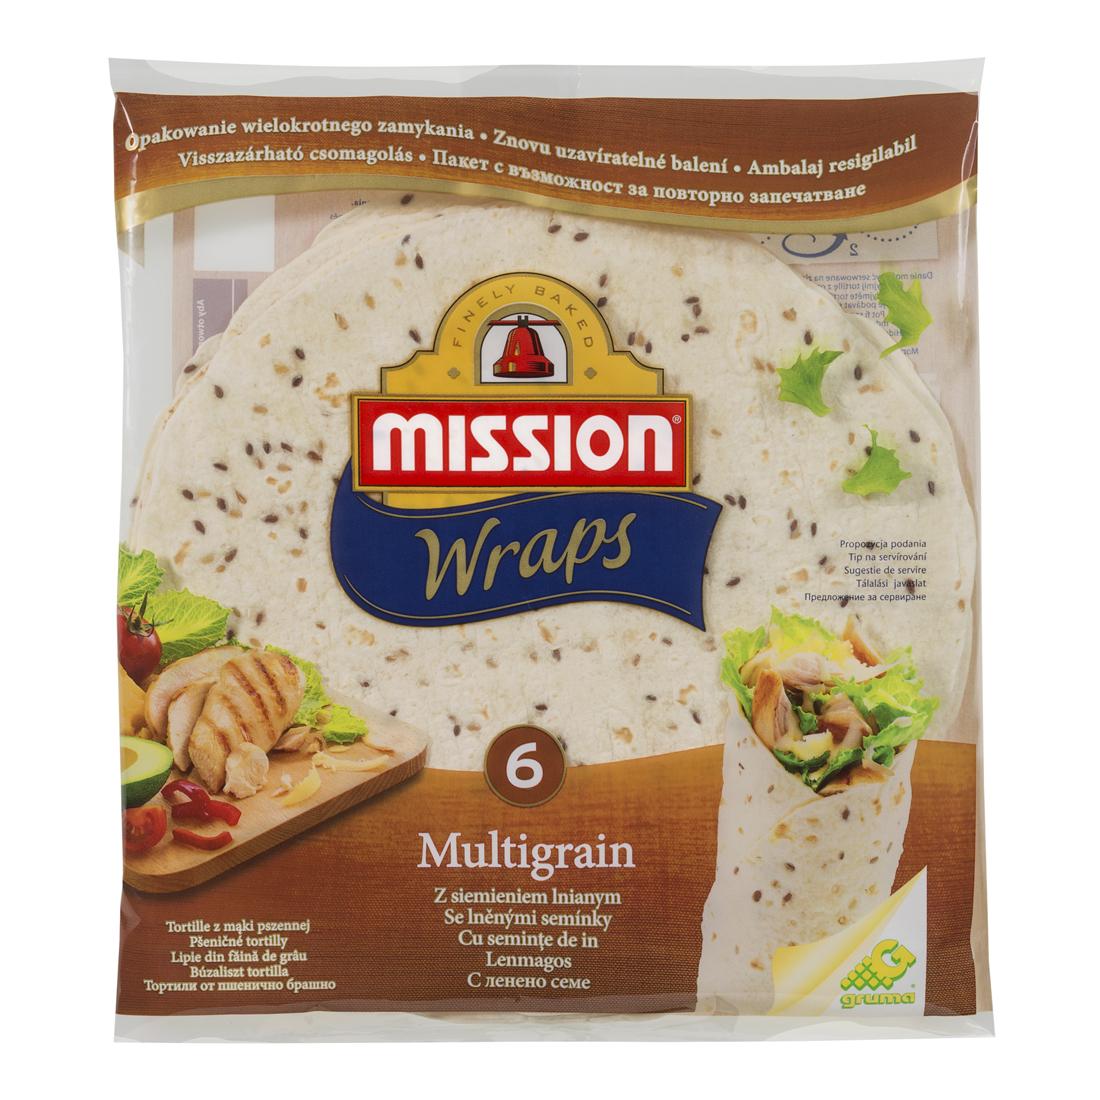 TAMSIŲ IR ŠVIESIŲ LINŲ SĖMENŲ tortilija, 25 cm, 6 vnt., Mission food, 370 g